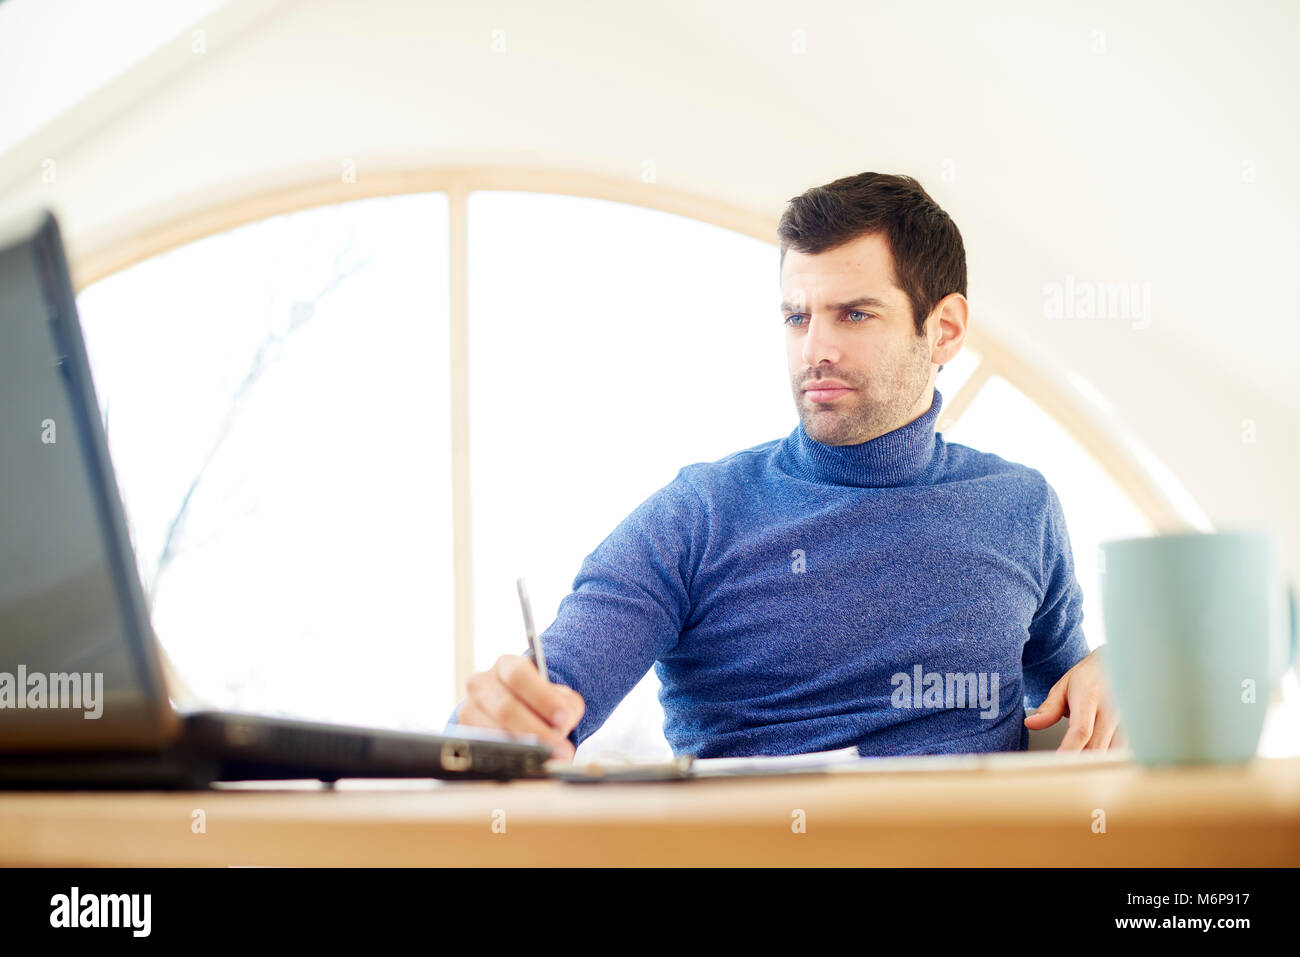 Ritratto di giovane casual uomo turtleneck indossa un maglione e guardando thoughtul mentre si lavora sul portatile Immagini Stock